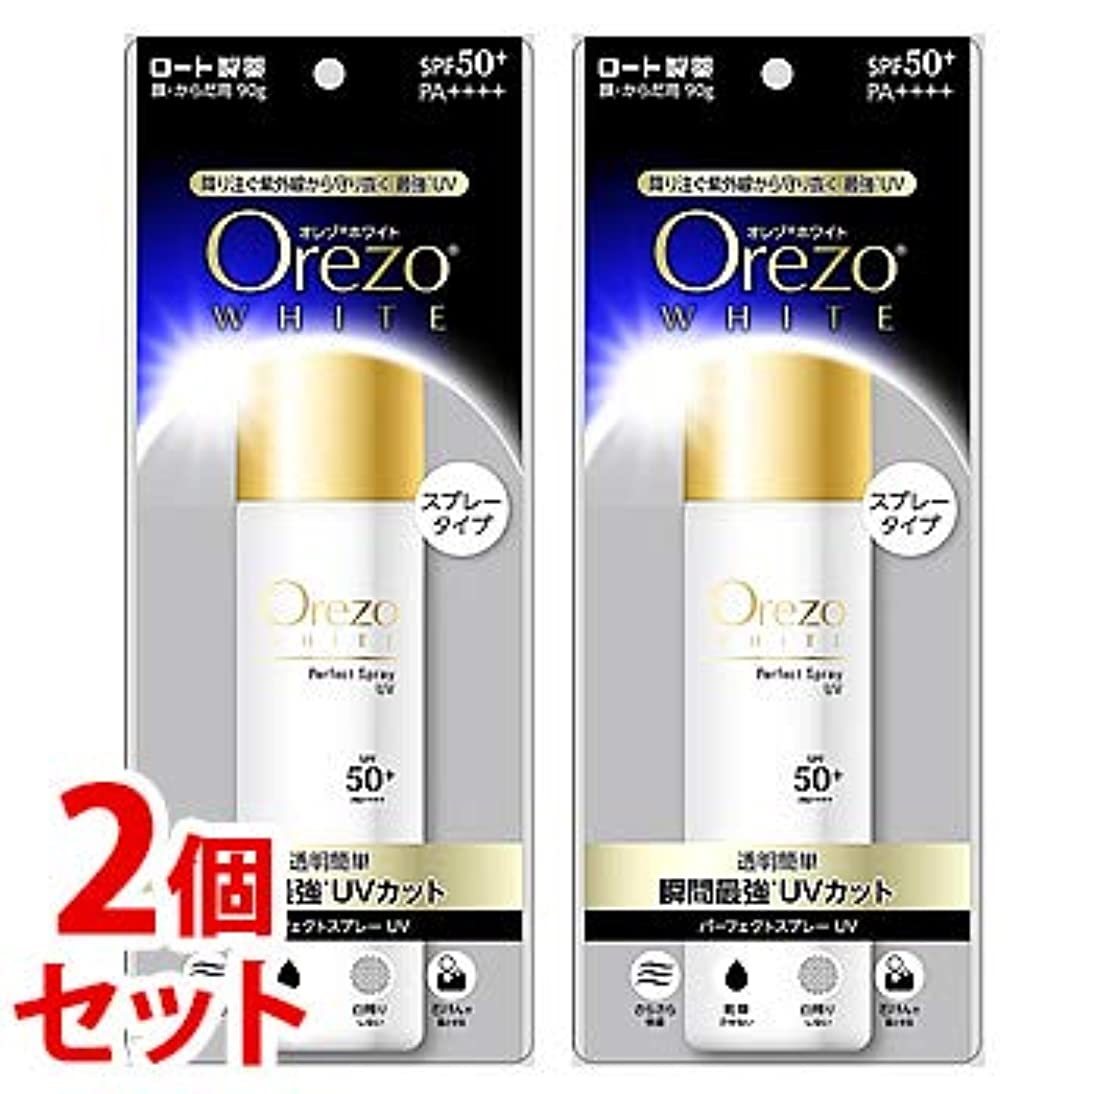 エミュレートするオークションシンク《セット販売》 ロート製薬 Orezo オレゾ ホワイト パーフェクトスプレーUV SPF50+ PA++++ (90g)×2個セット 顔?からだ用 日やけ止め スプレータイプ